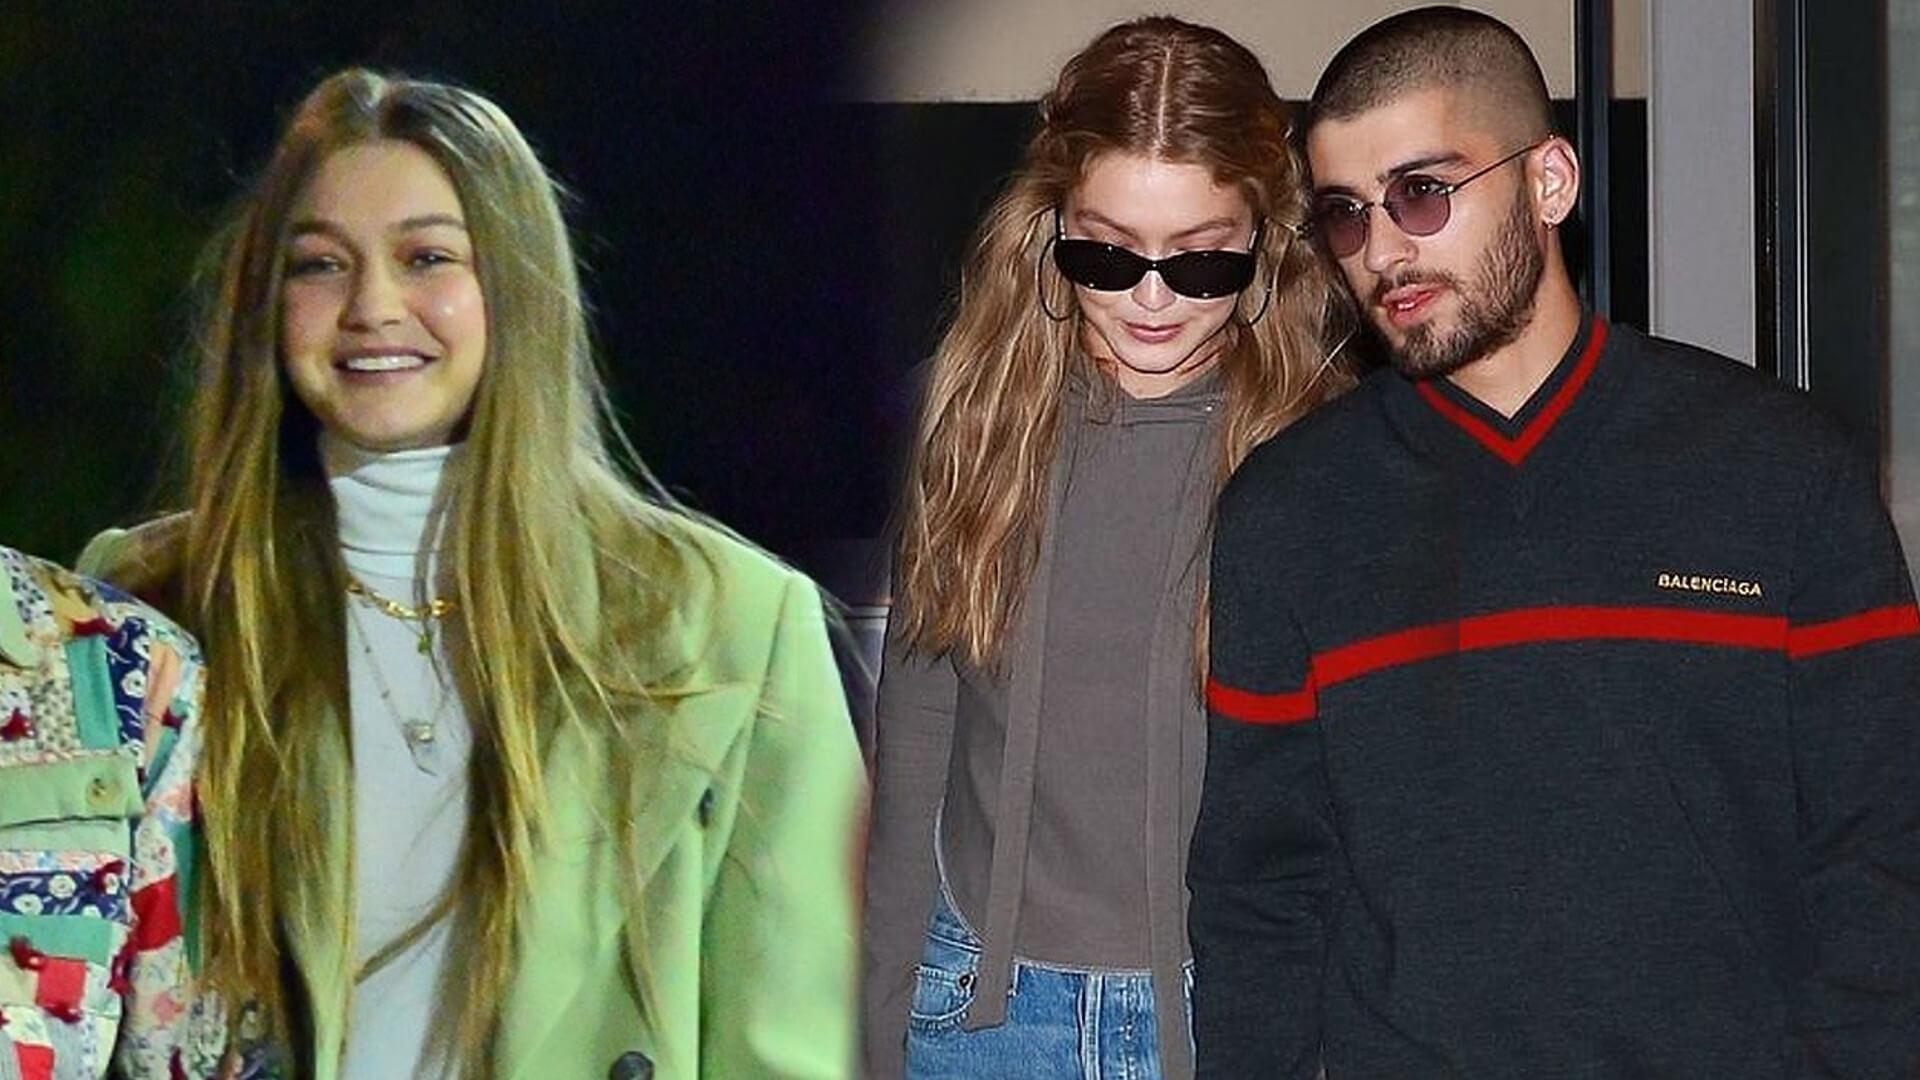 Gigi Hadid PRZYŁAPANA. Modelka potwierdziła, że ona i Zayn wrócili do siebie jeszcze przed świętami